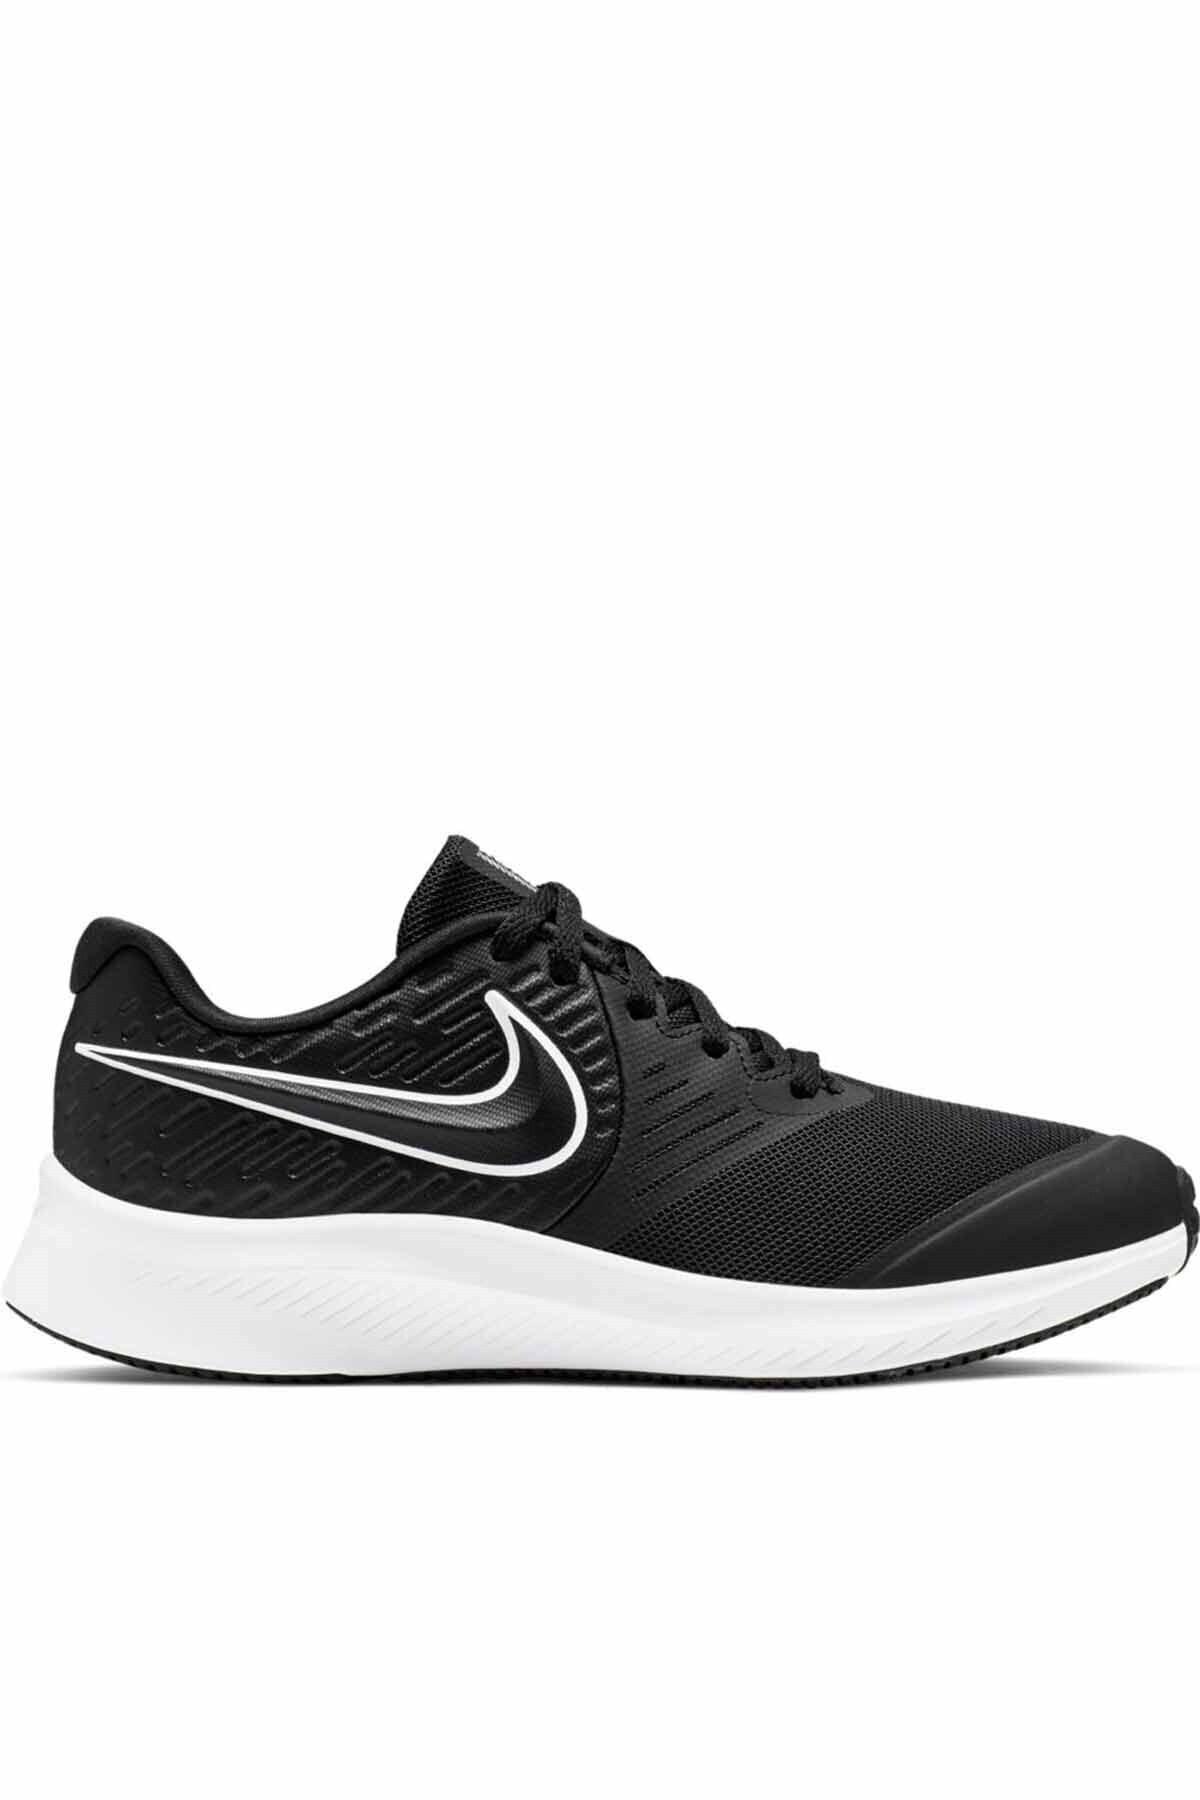 Nike Star Runner 2 Kadın Spor Ayakkabı Aq3542-001 1